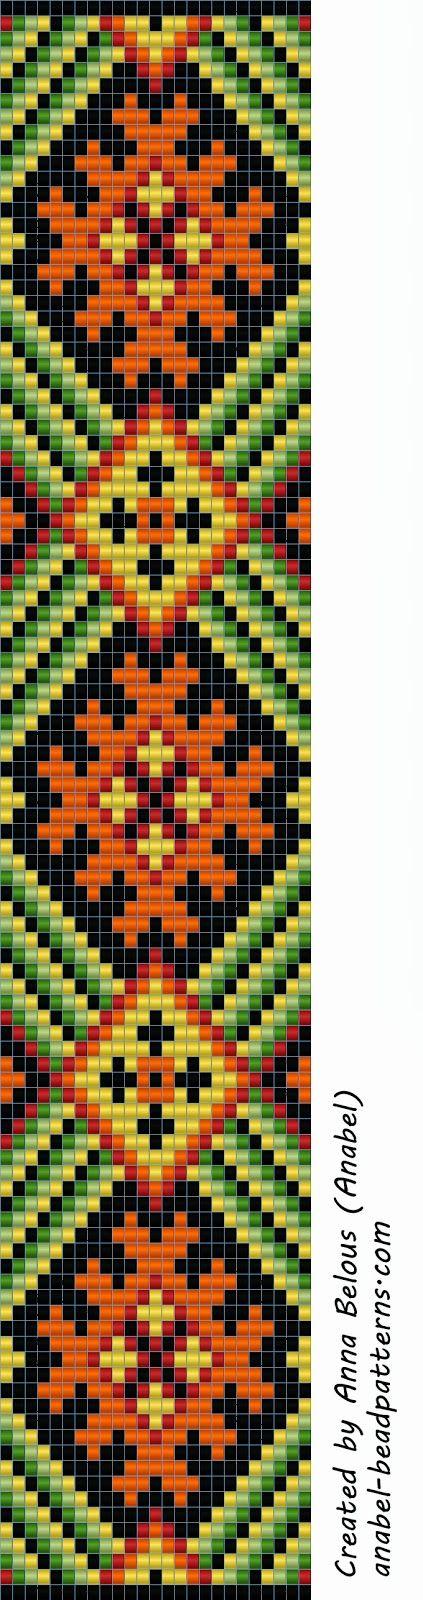 Схема браслета - вариация на тему славянского орнамента